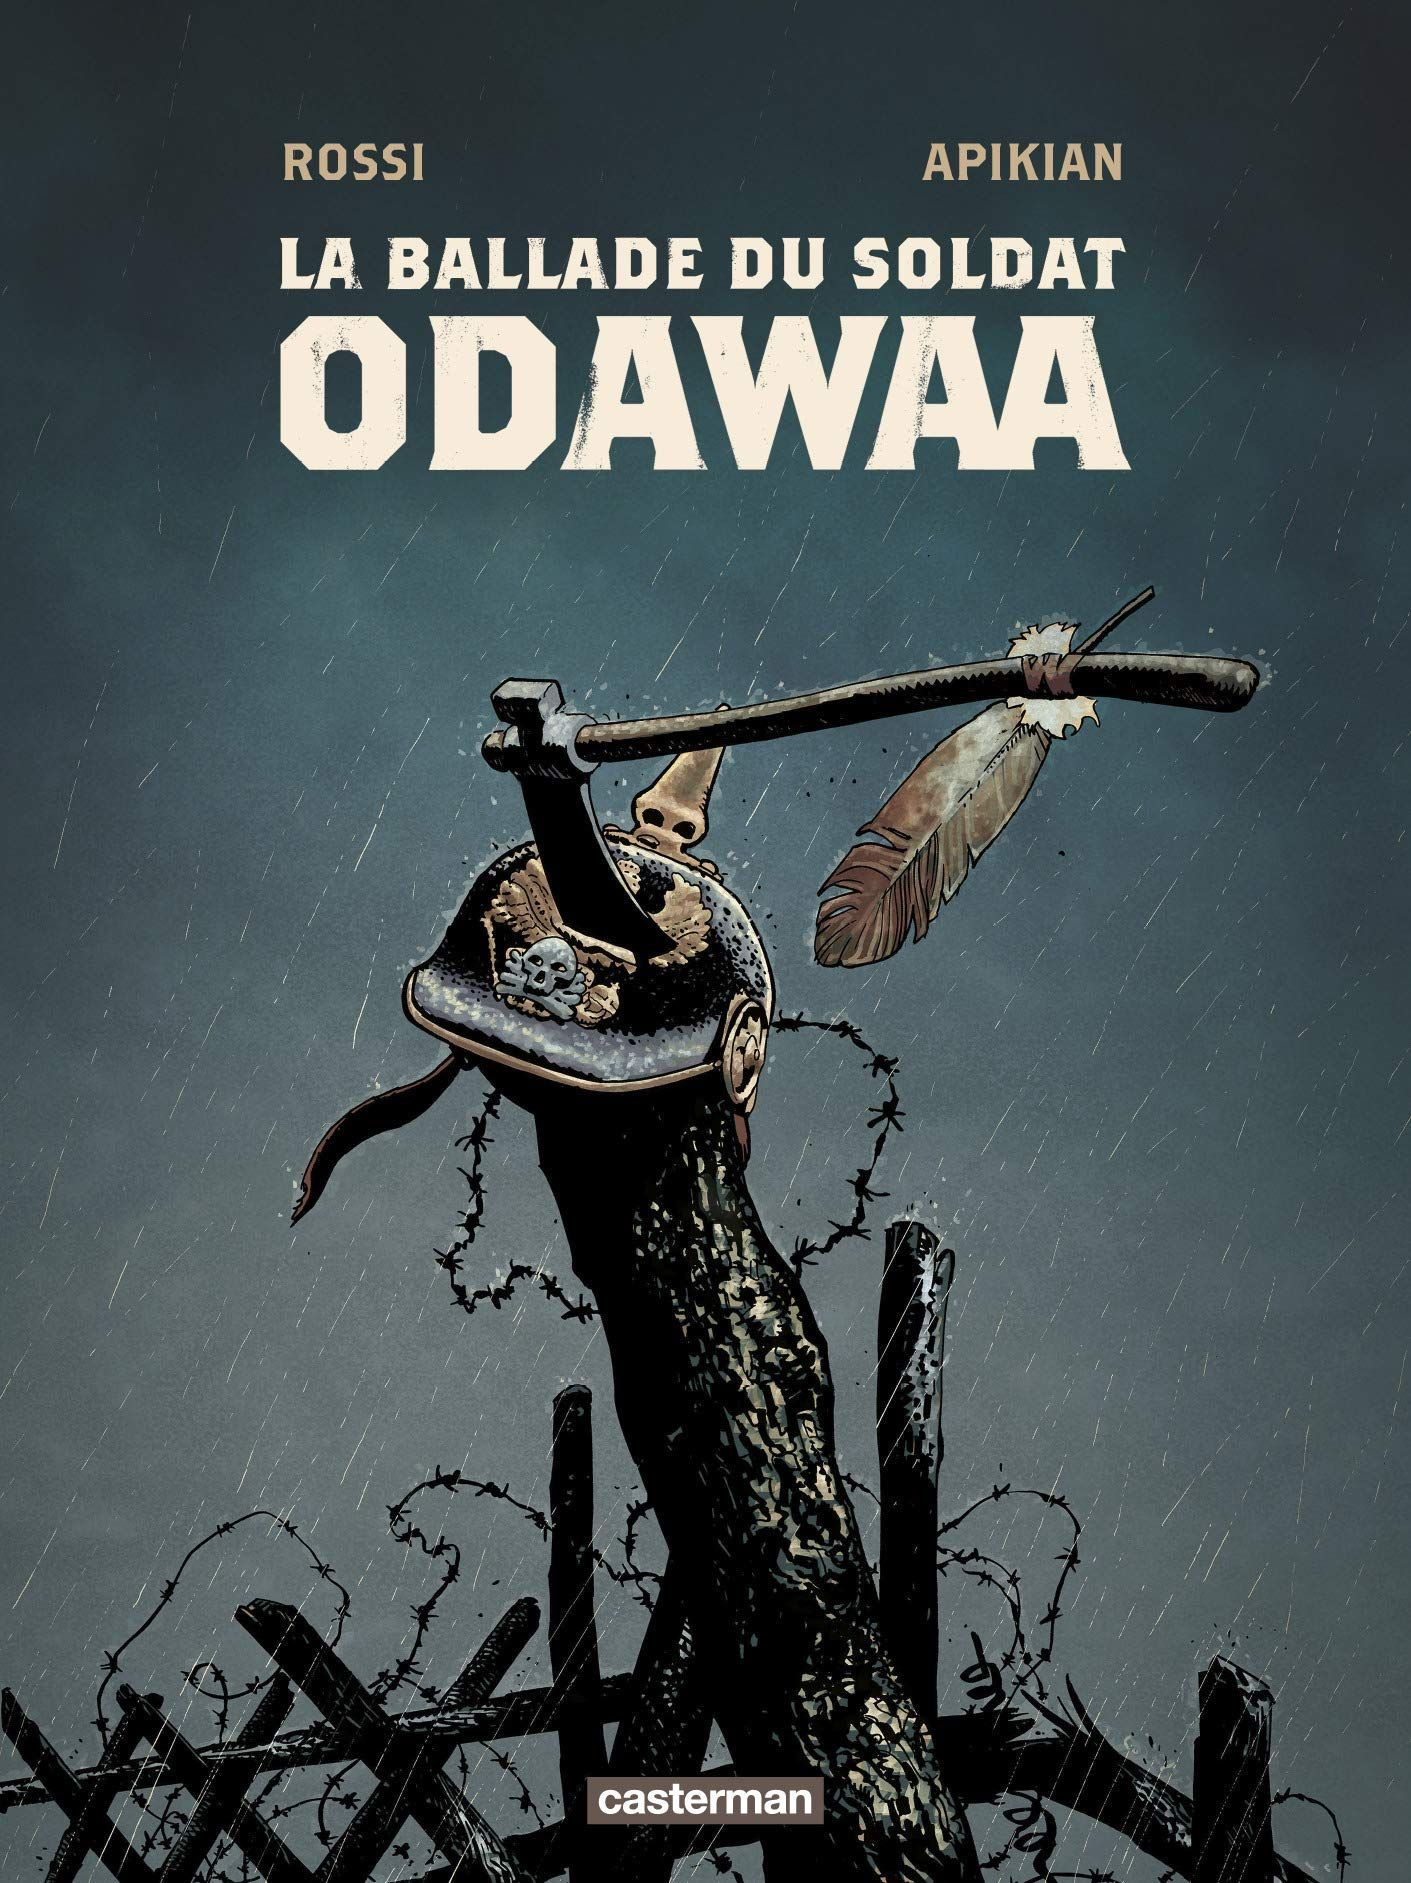 """""""La ballade du soldat Odawaa"""" de Christian Rossi et  Cédric Apikian : ambiance crépusculaire pour ce western moderne"""